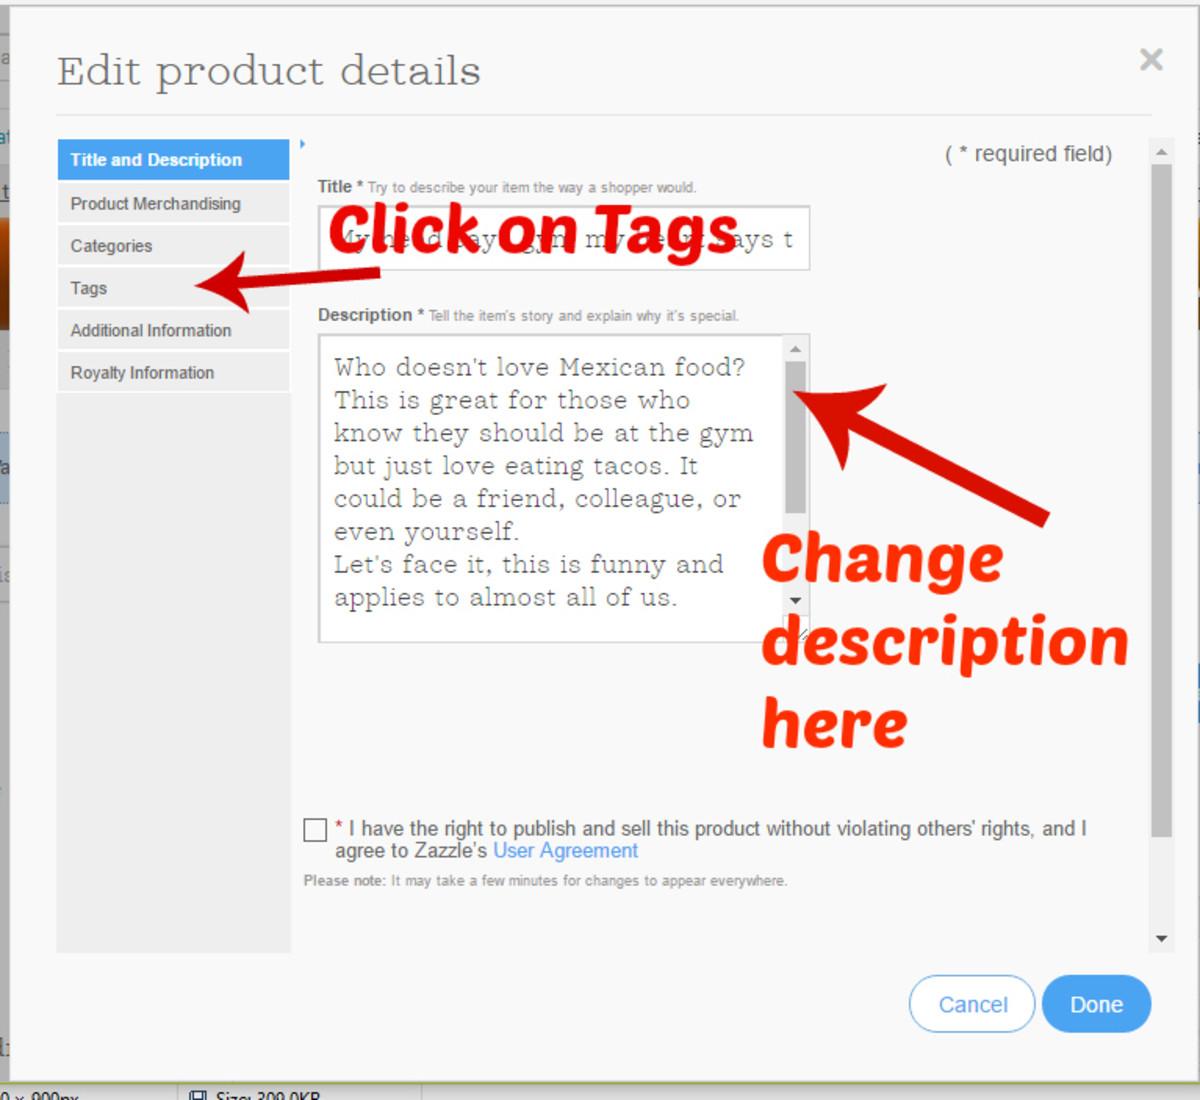 Package keywords needs updating